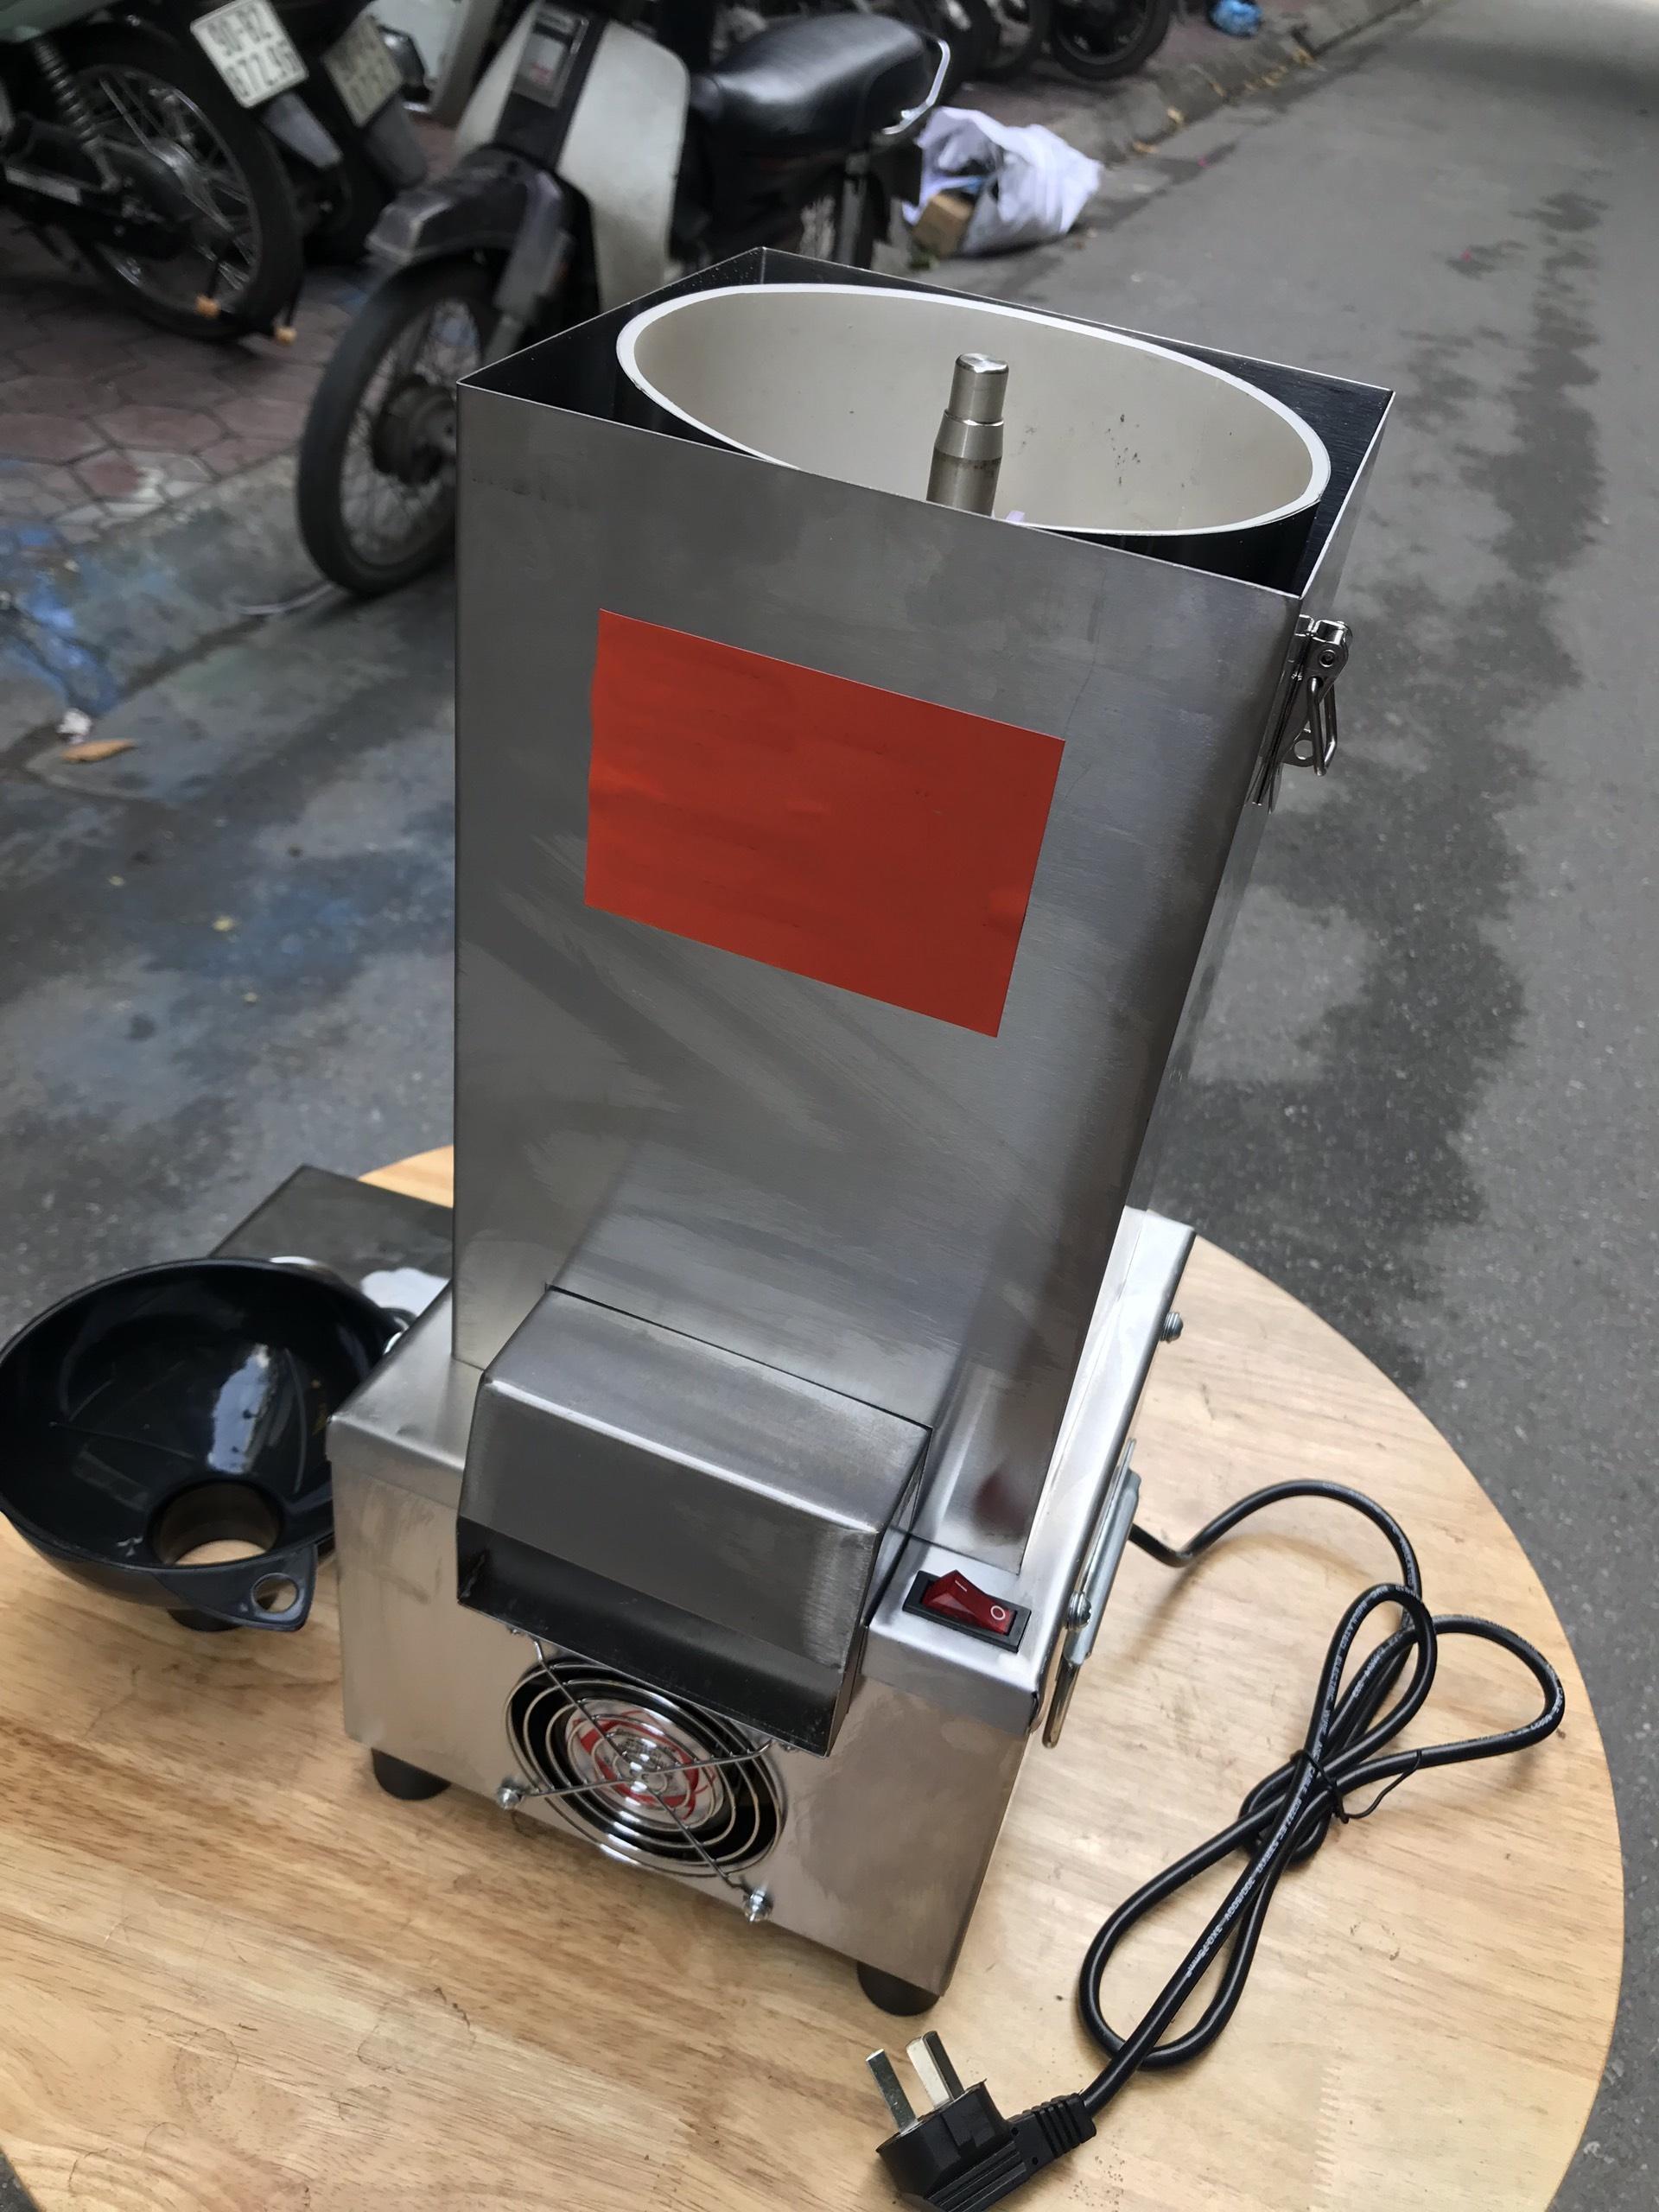 Máy bóc tỏi 100% inox thích hợp dùng trong gia đình, nhà hàng, quán ăn, ... 20kg/h